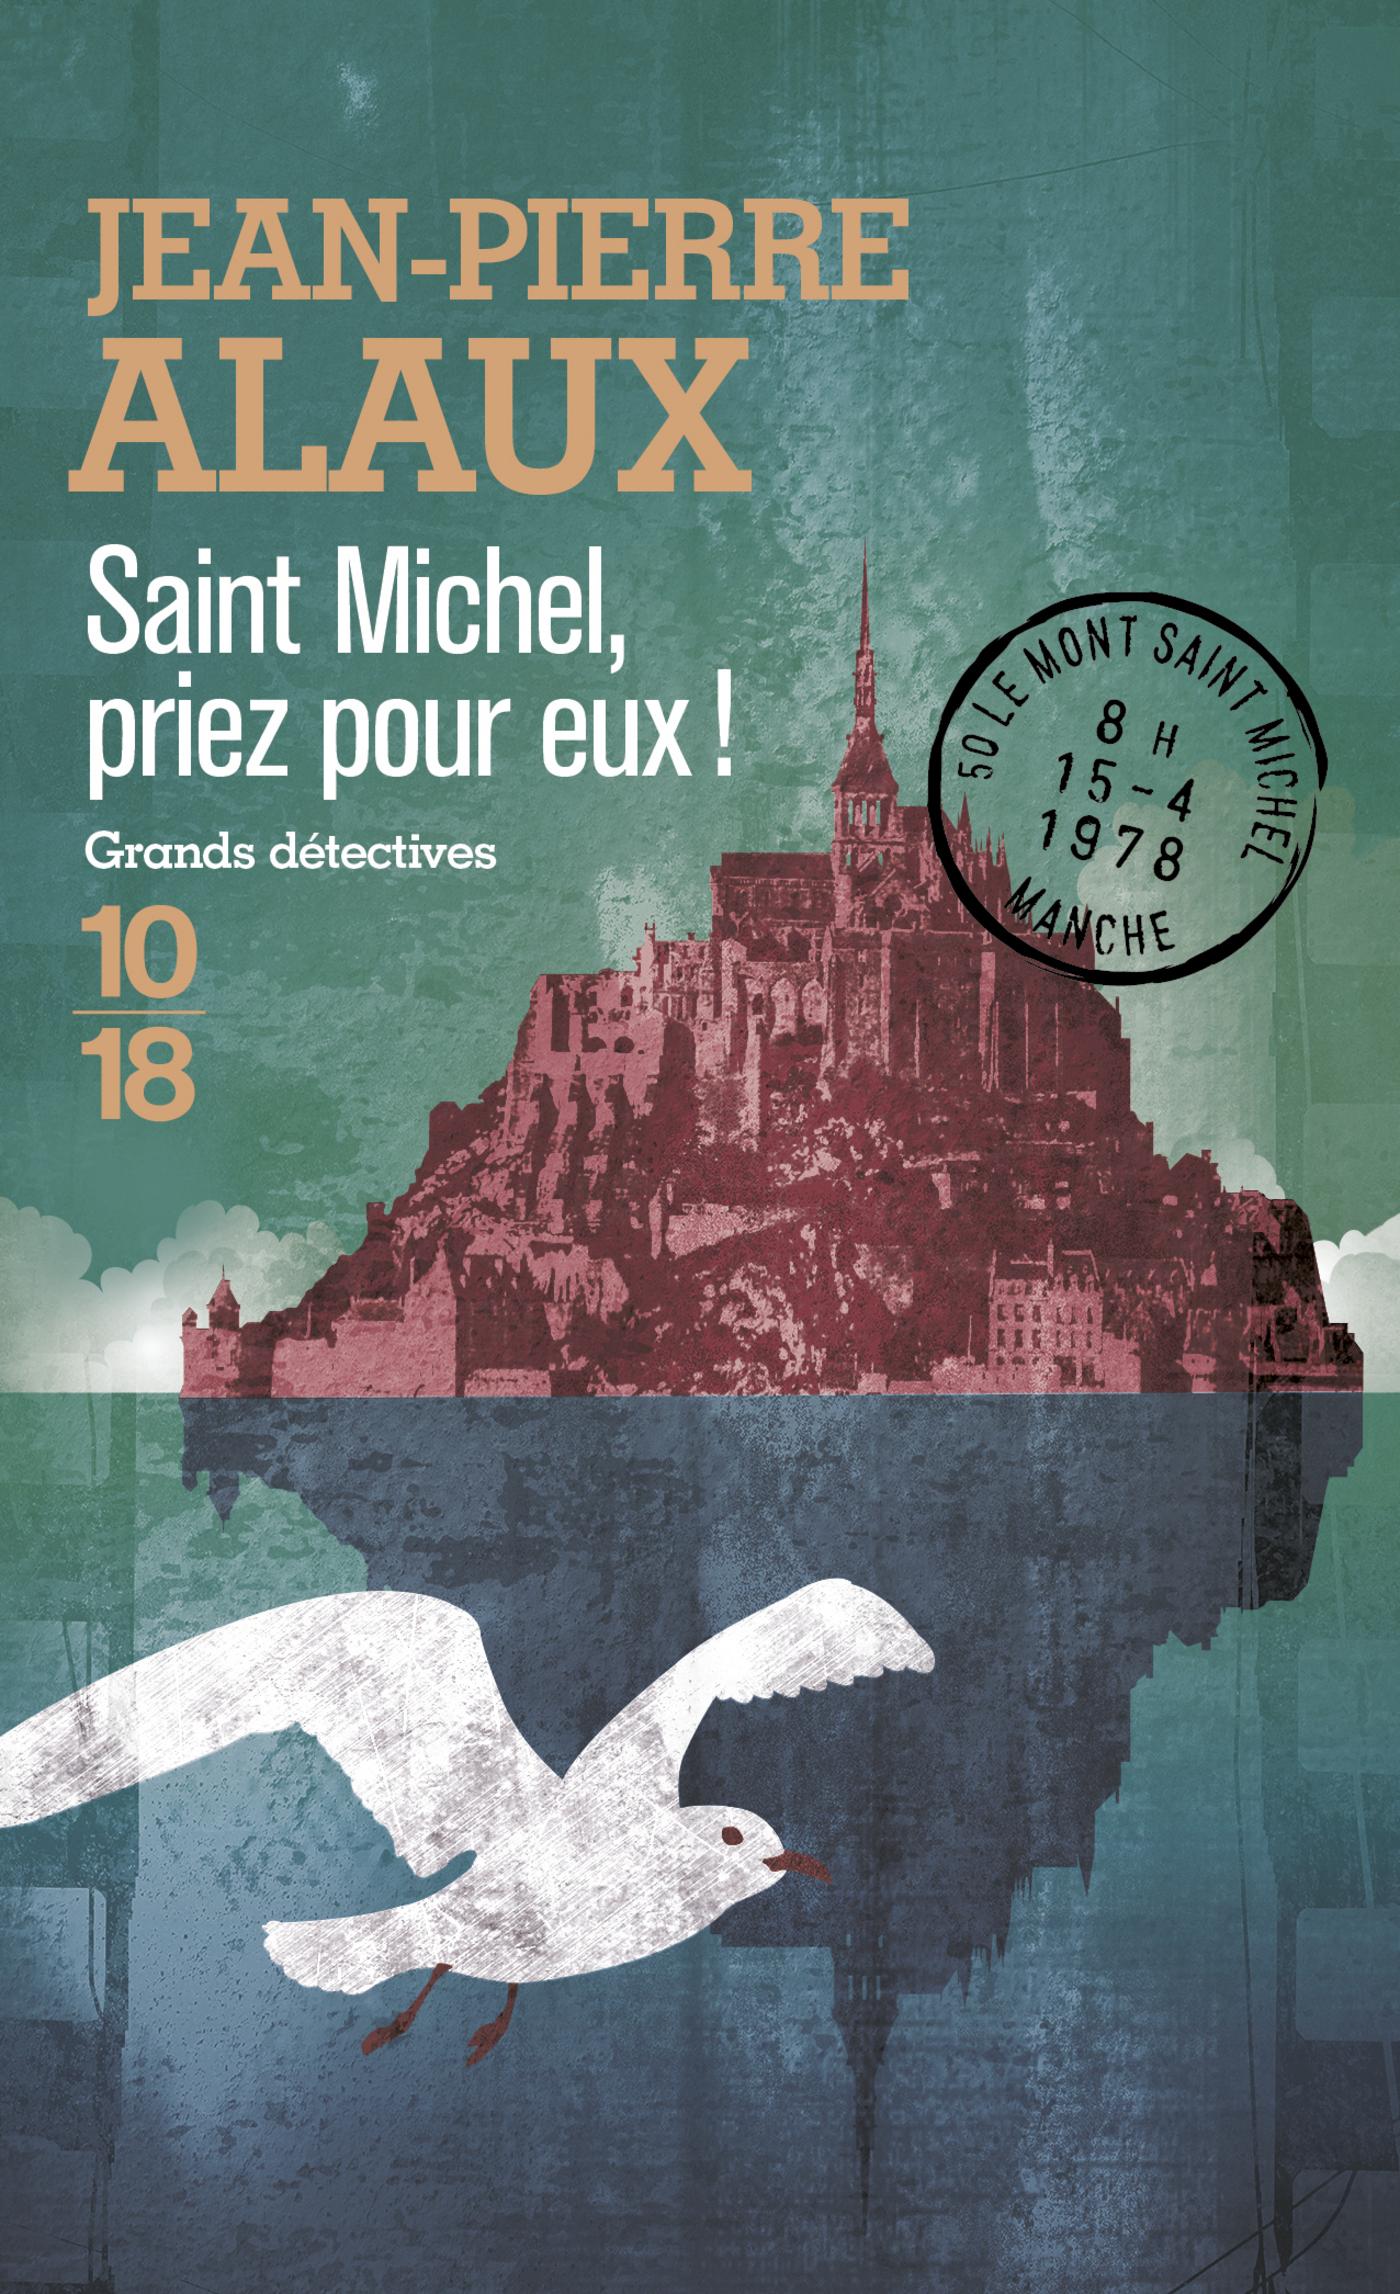 Saint Michel, priez pour eux   ALAUX, Jean-Pierre